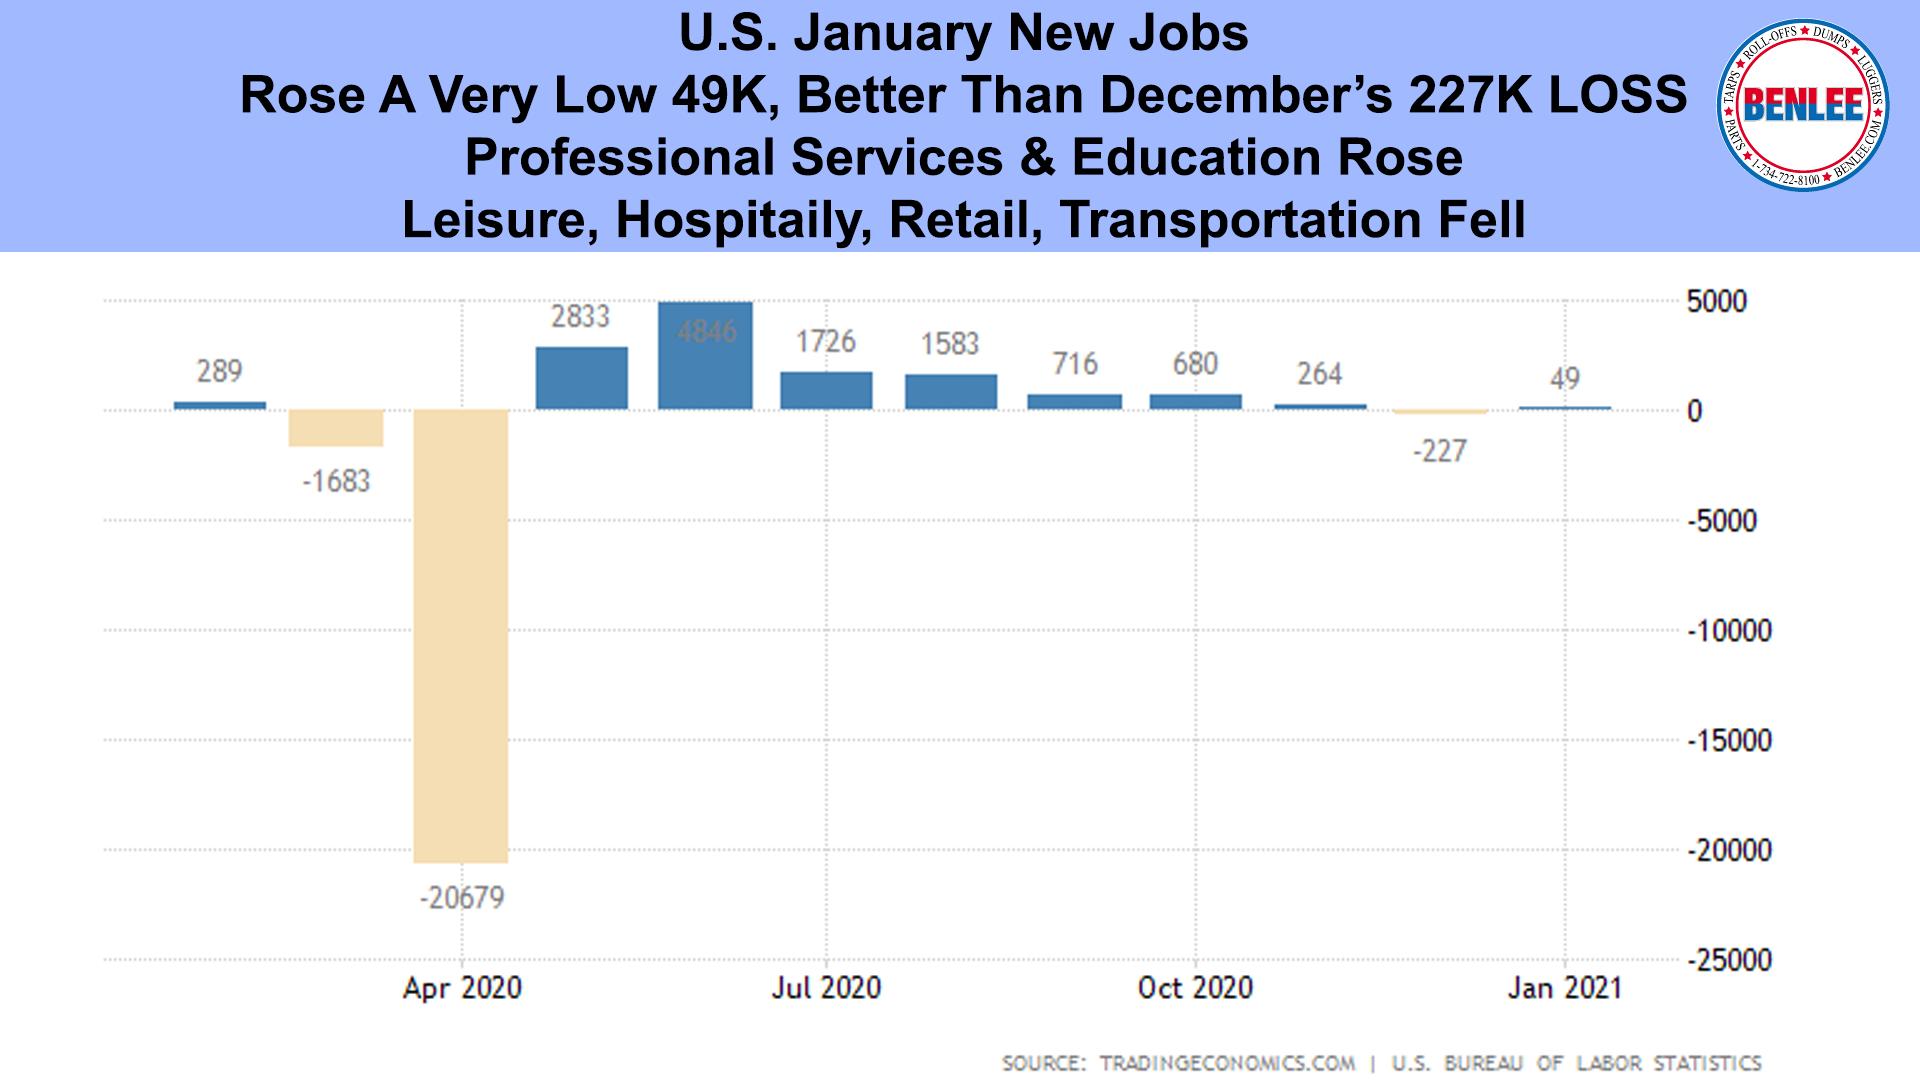 U.S. January New Jobs